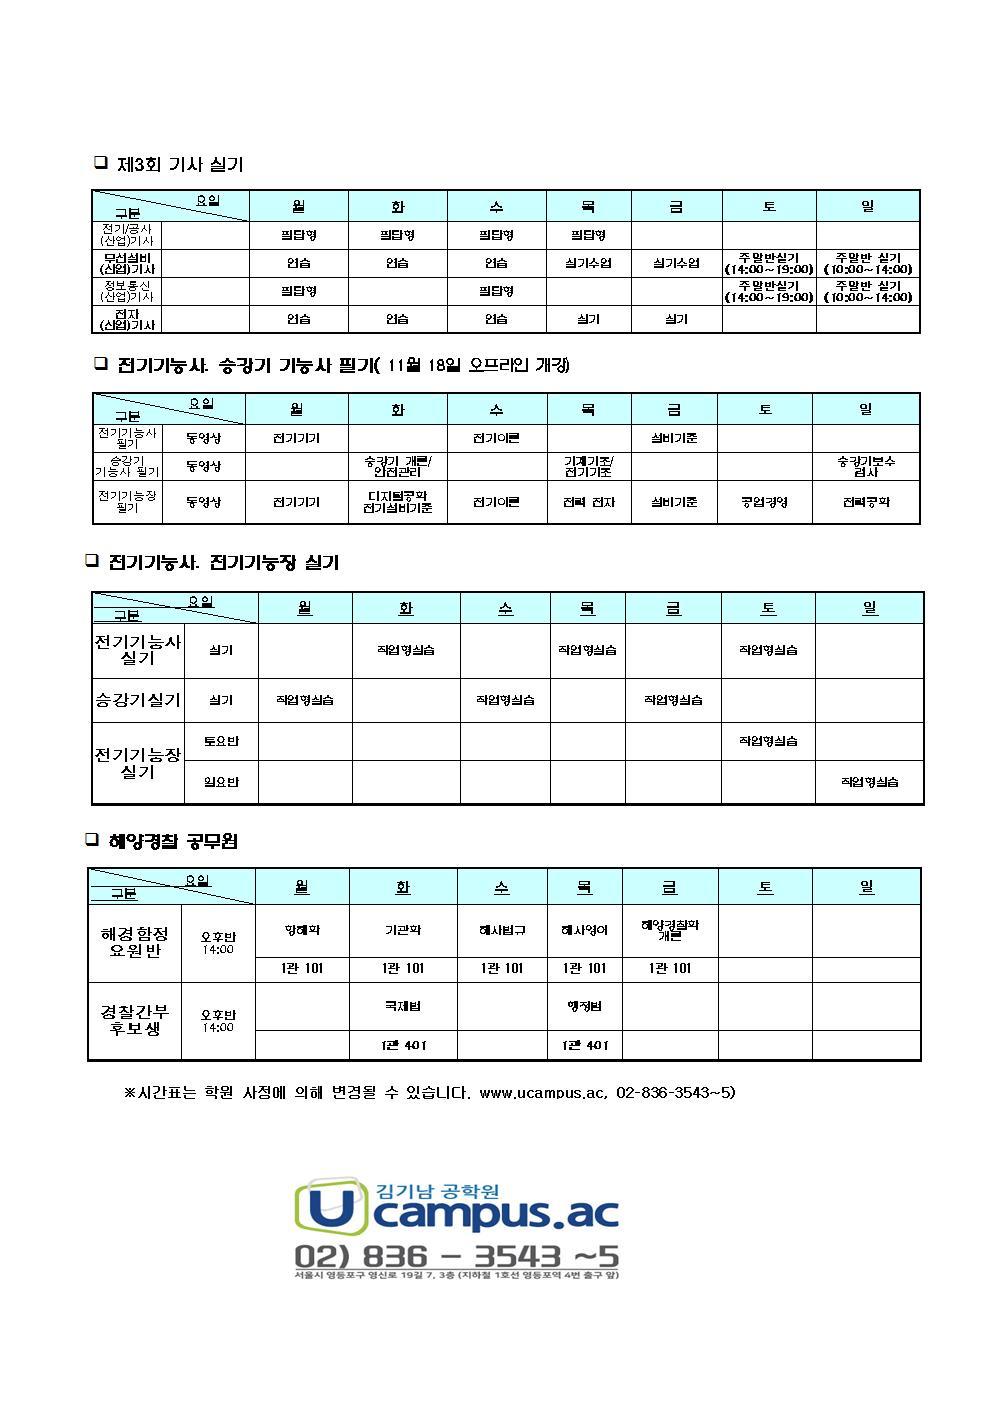 2018년 9월 개강 시간표-최종002.jpg